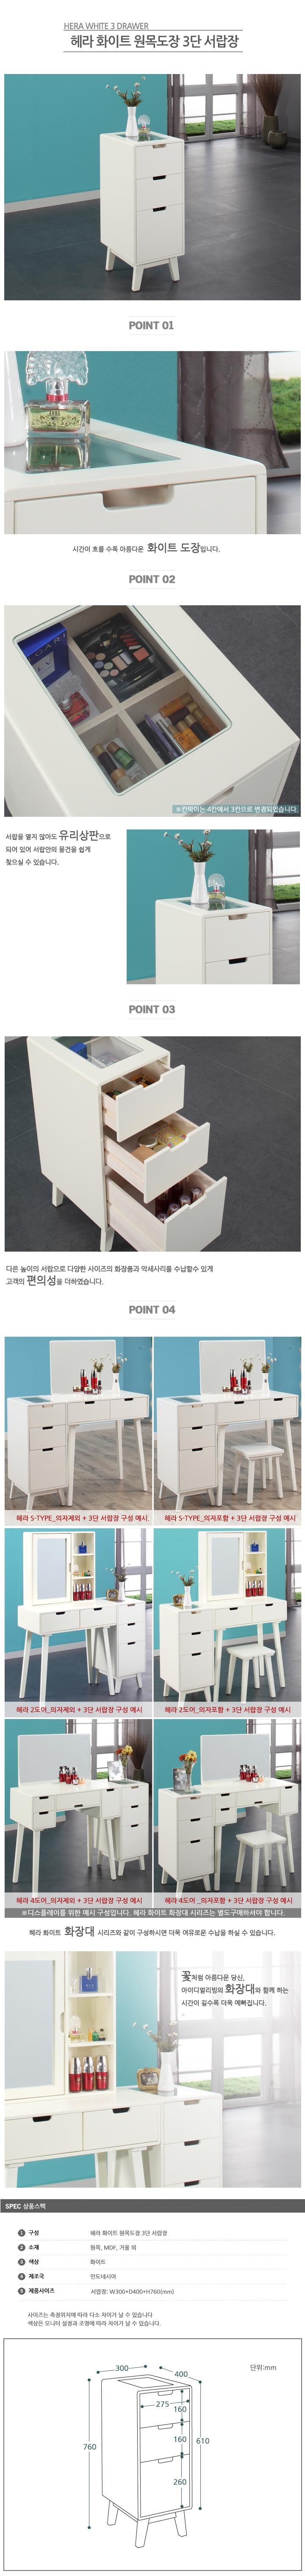 헤라 화이트 원목도장 3단 서랍장 - 아이디얼리빙, 119,000원, 서랍장, 다용도 서랍장